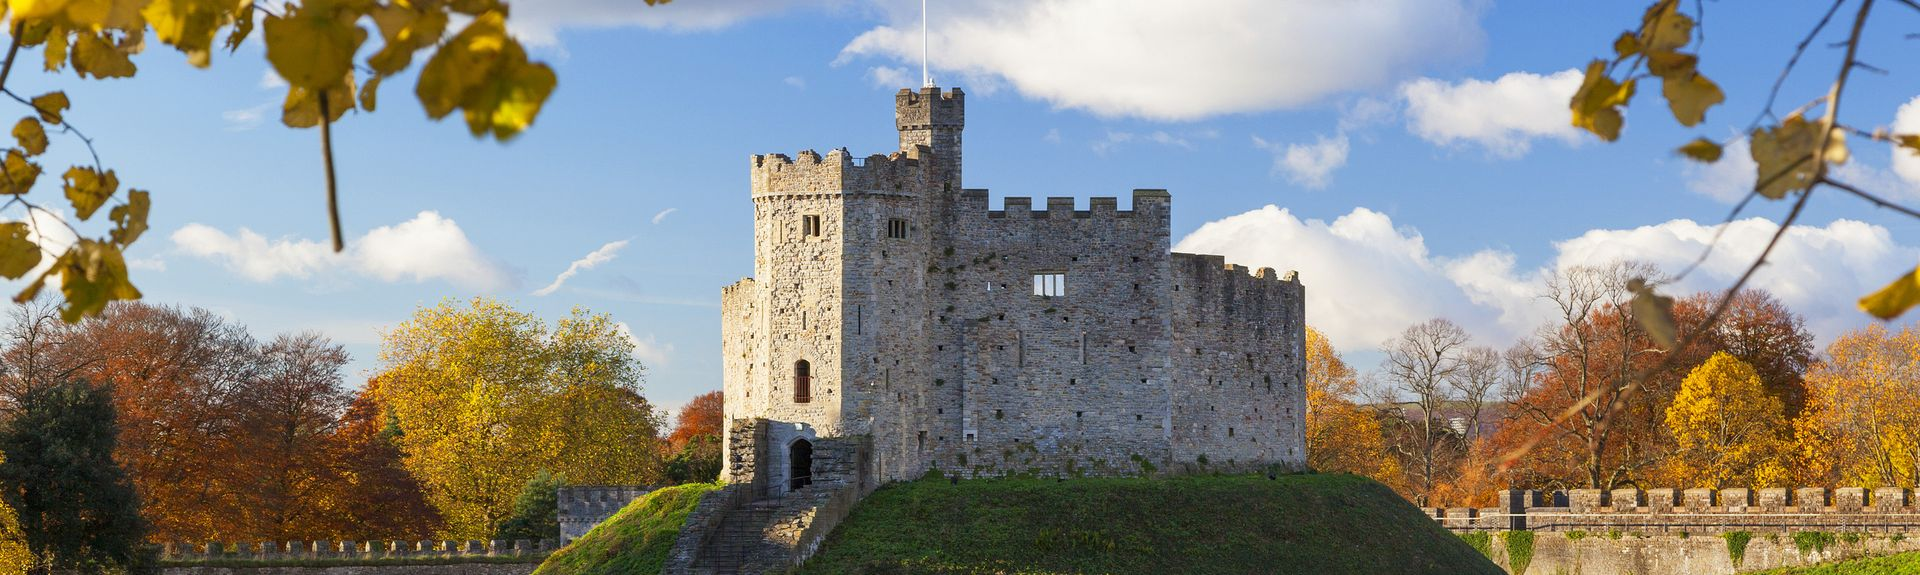 Cardiff, Wales, Yhdistynyt Kuningaskunta